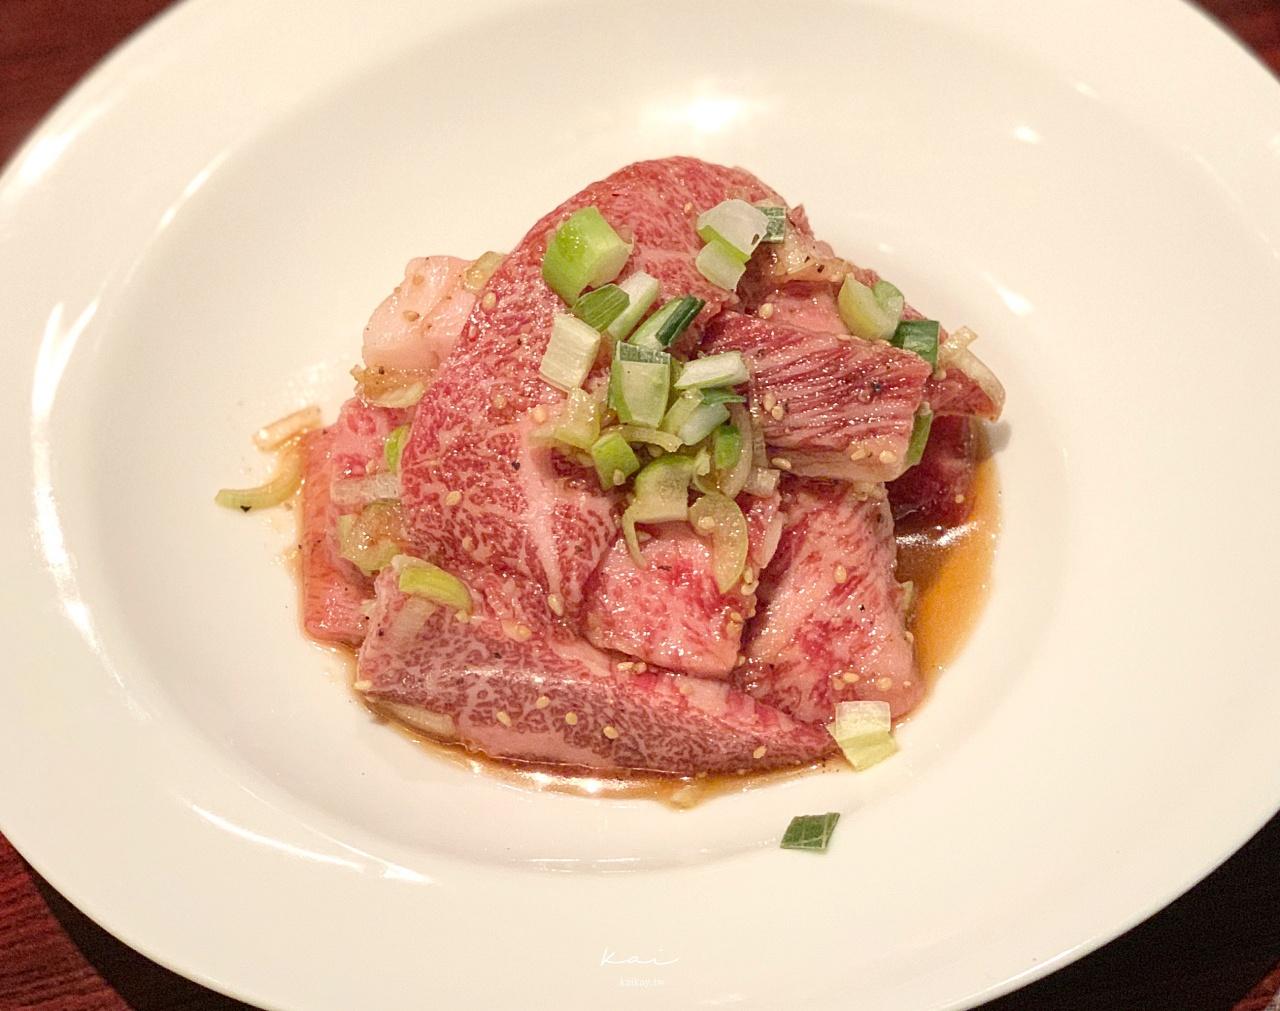 ☆【有片】敘敘苑燒肉超值午間套餐:SPECIAL LUNCH 牛切落し燒ランチ